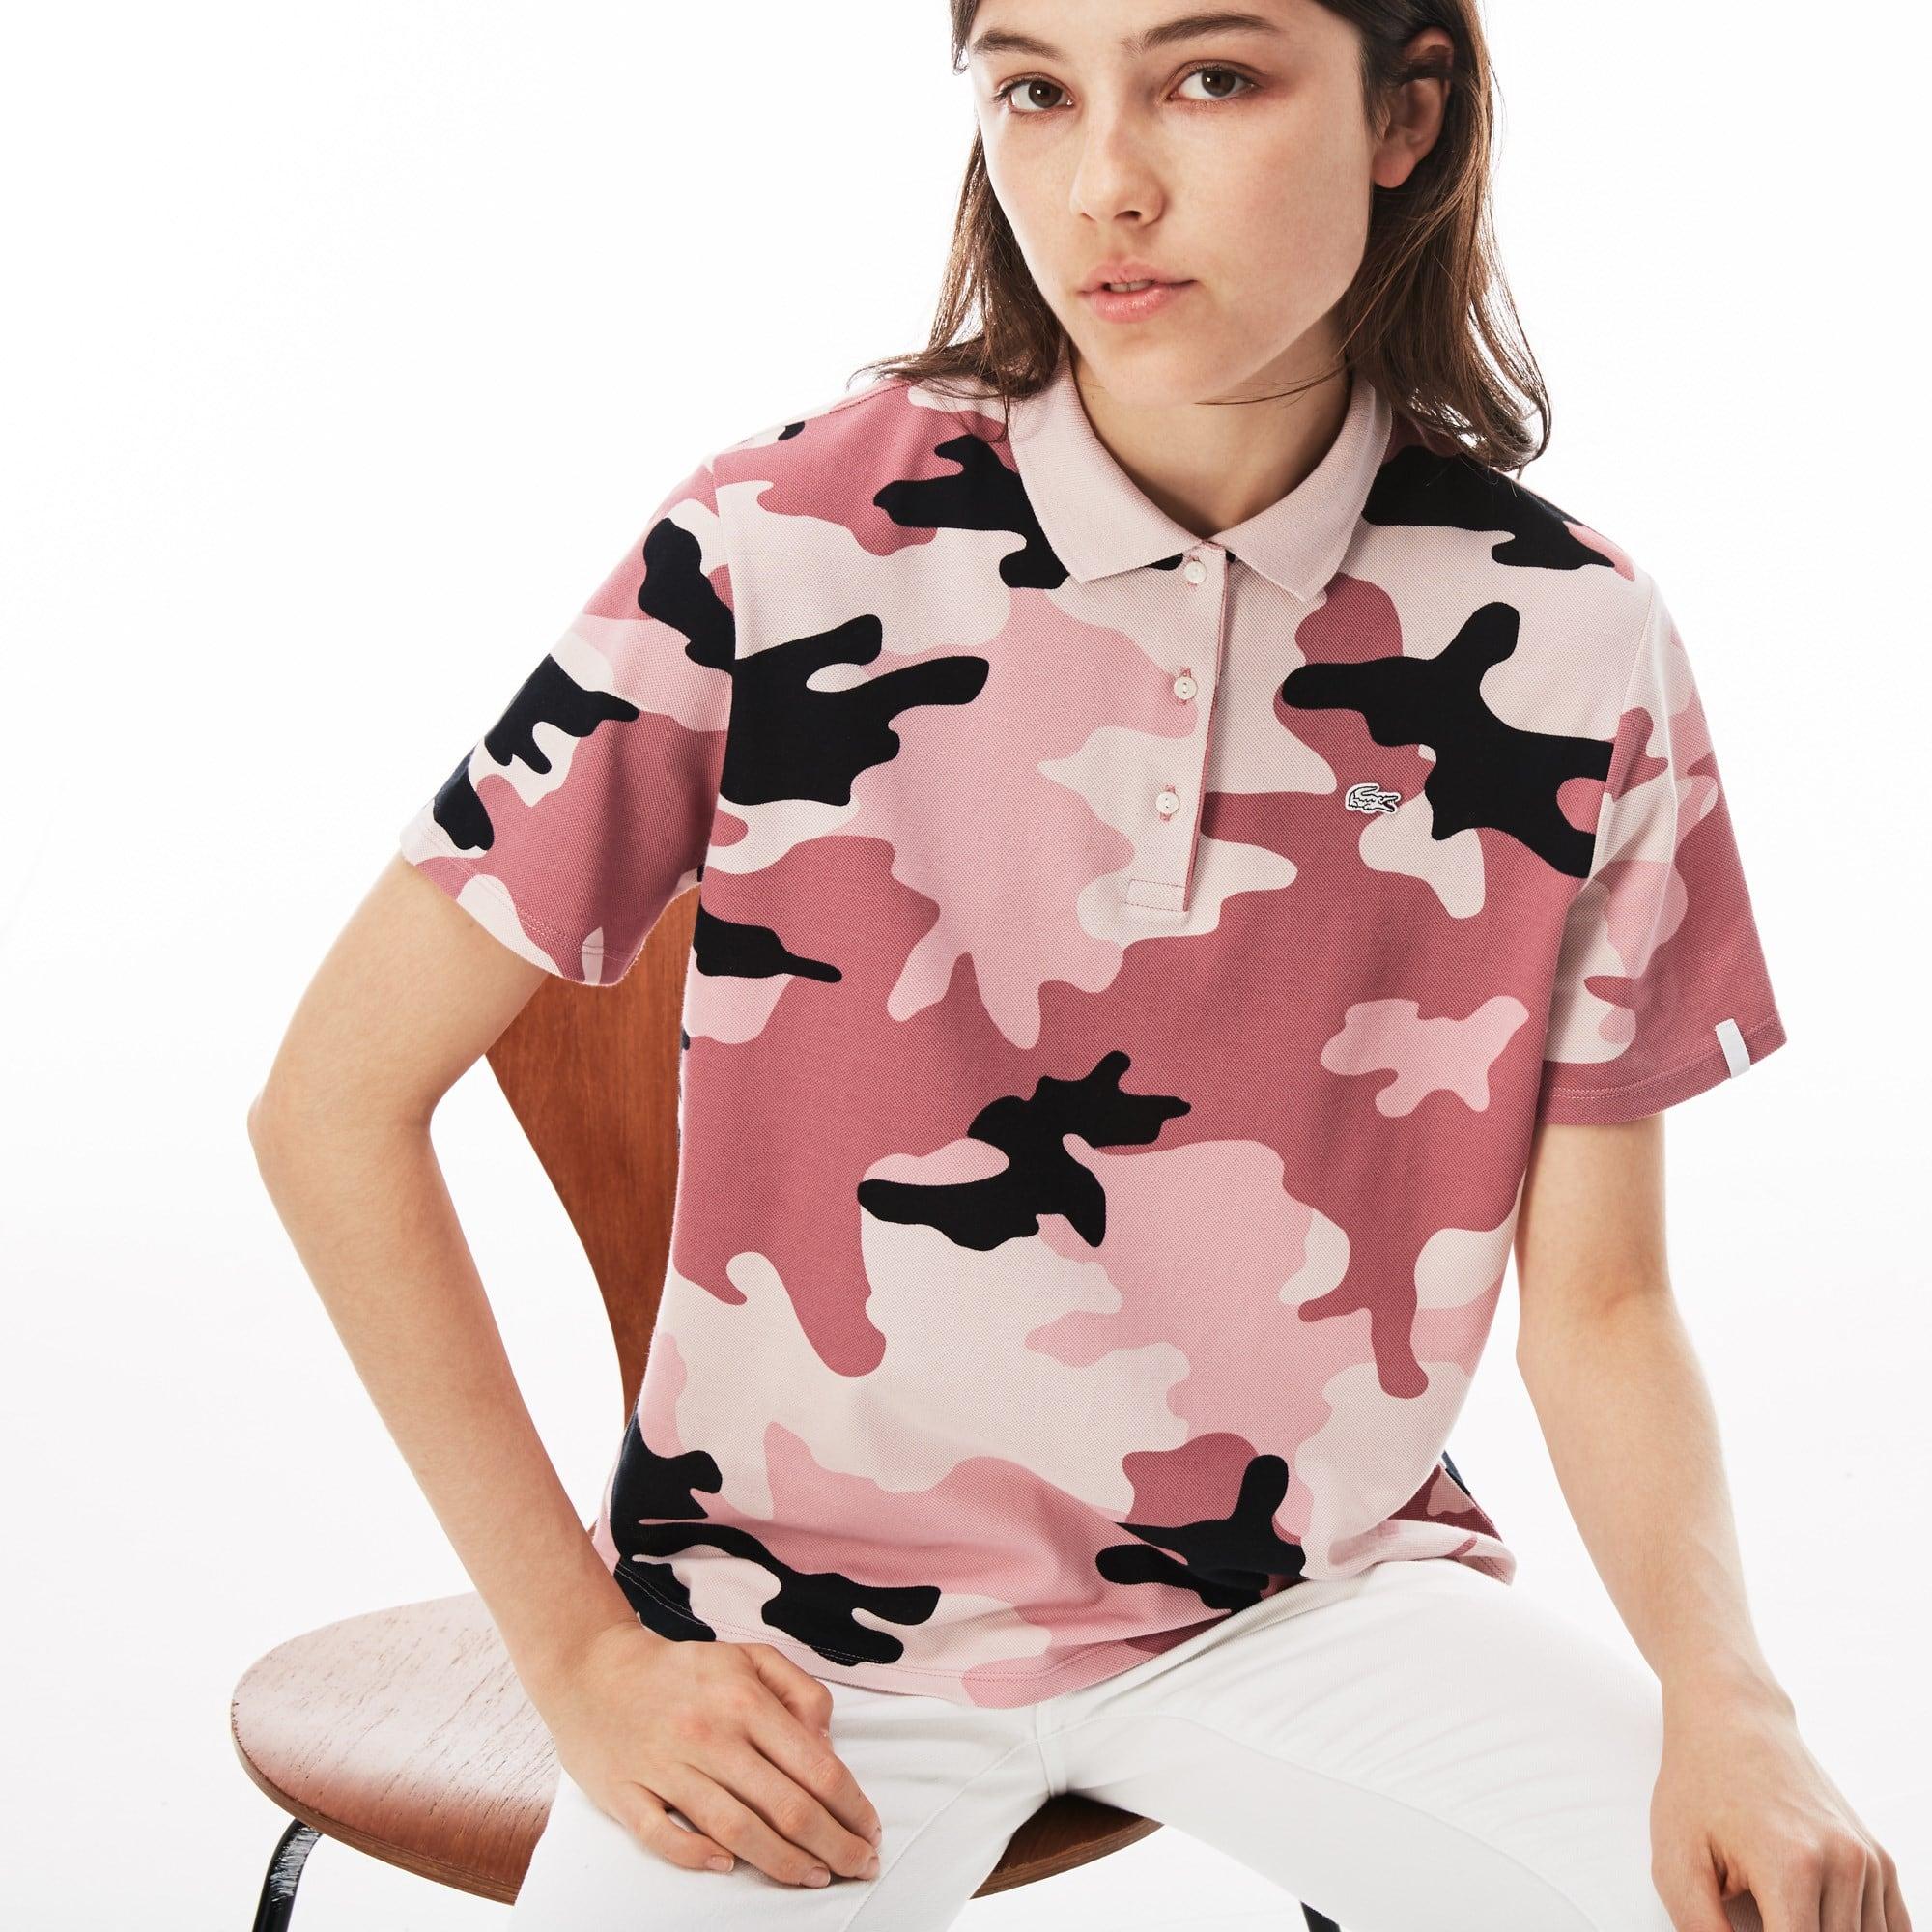 Polo loose fit Lacoste LIVE en mini piqué imprimé camouflage